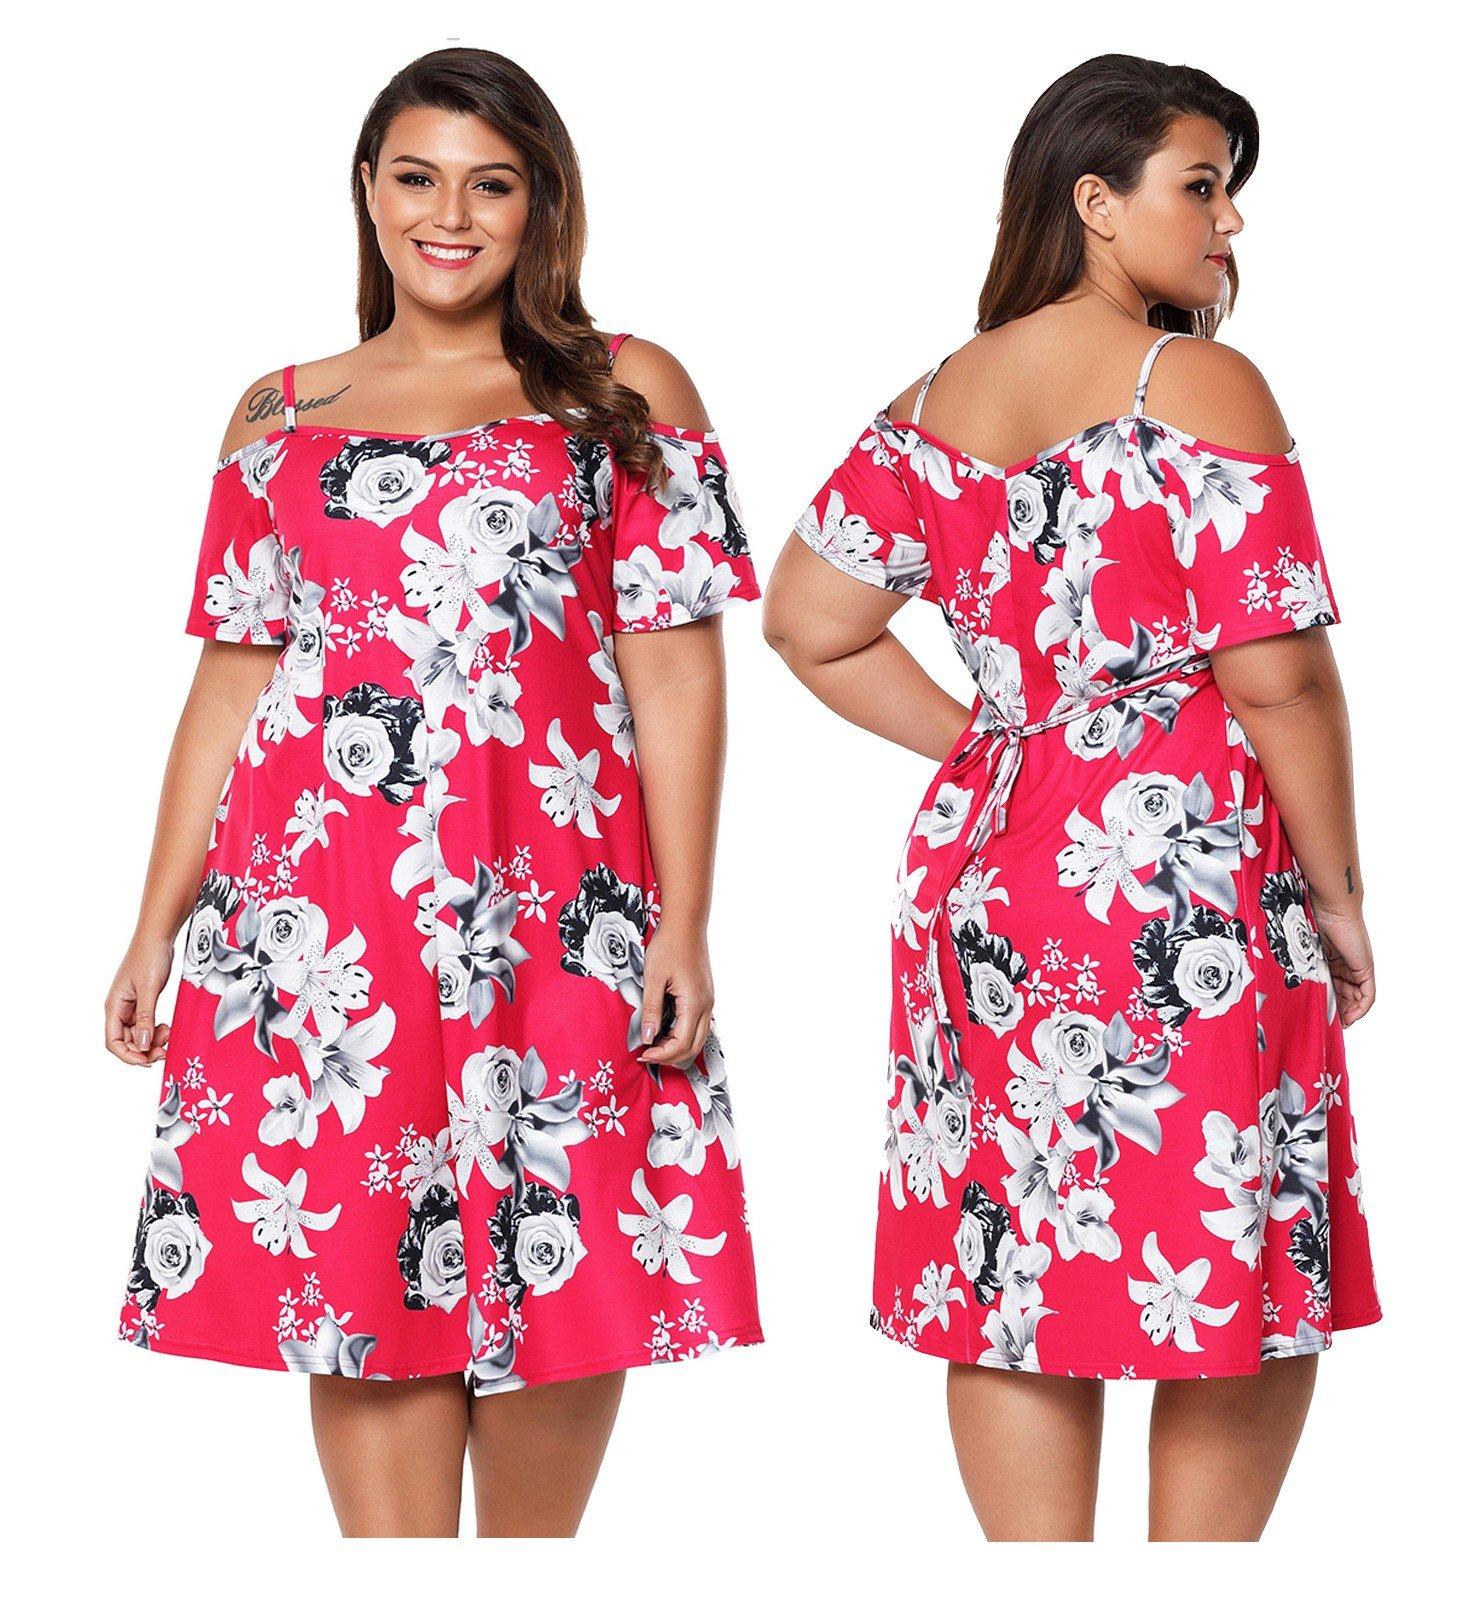 6d344133e8 Sukienka letnia 61964 w kwiaty DUZE ROZMIARY 52 - 7275045300 ...